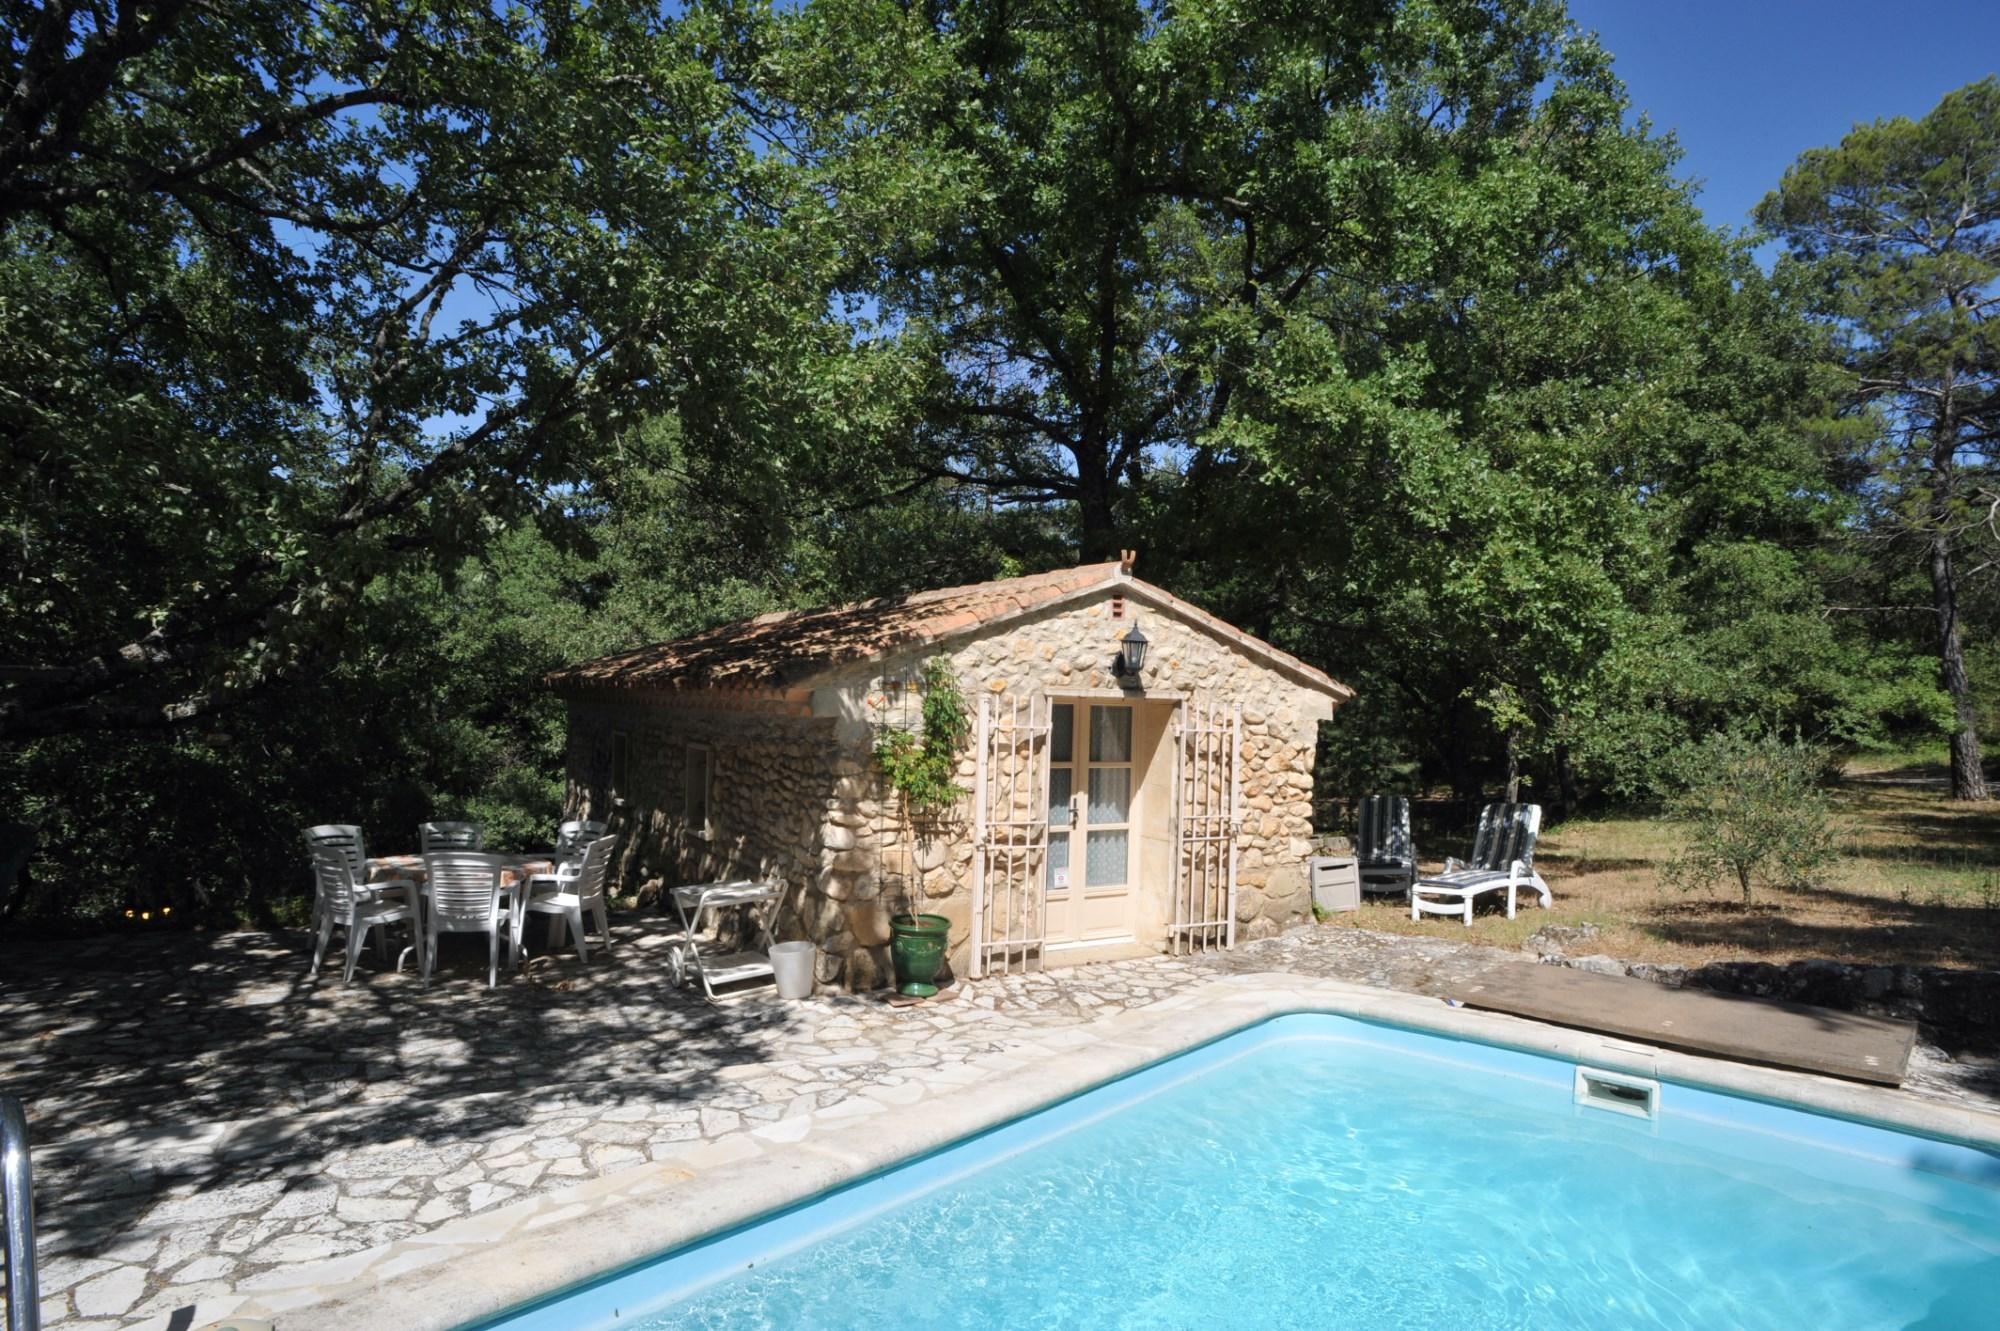 Proche  du village de Ménerbes,  à vendre, beau moulin du  XVII ° siècle, sur plus de 4 000 m² de terrain avec piscine et de très belles vues sur la campagne Luberone